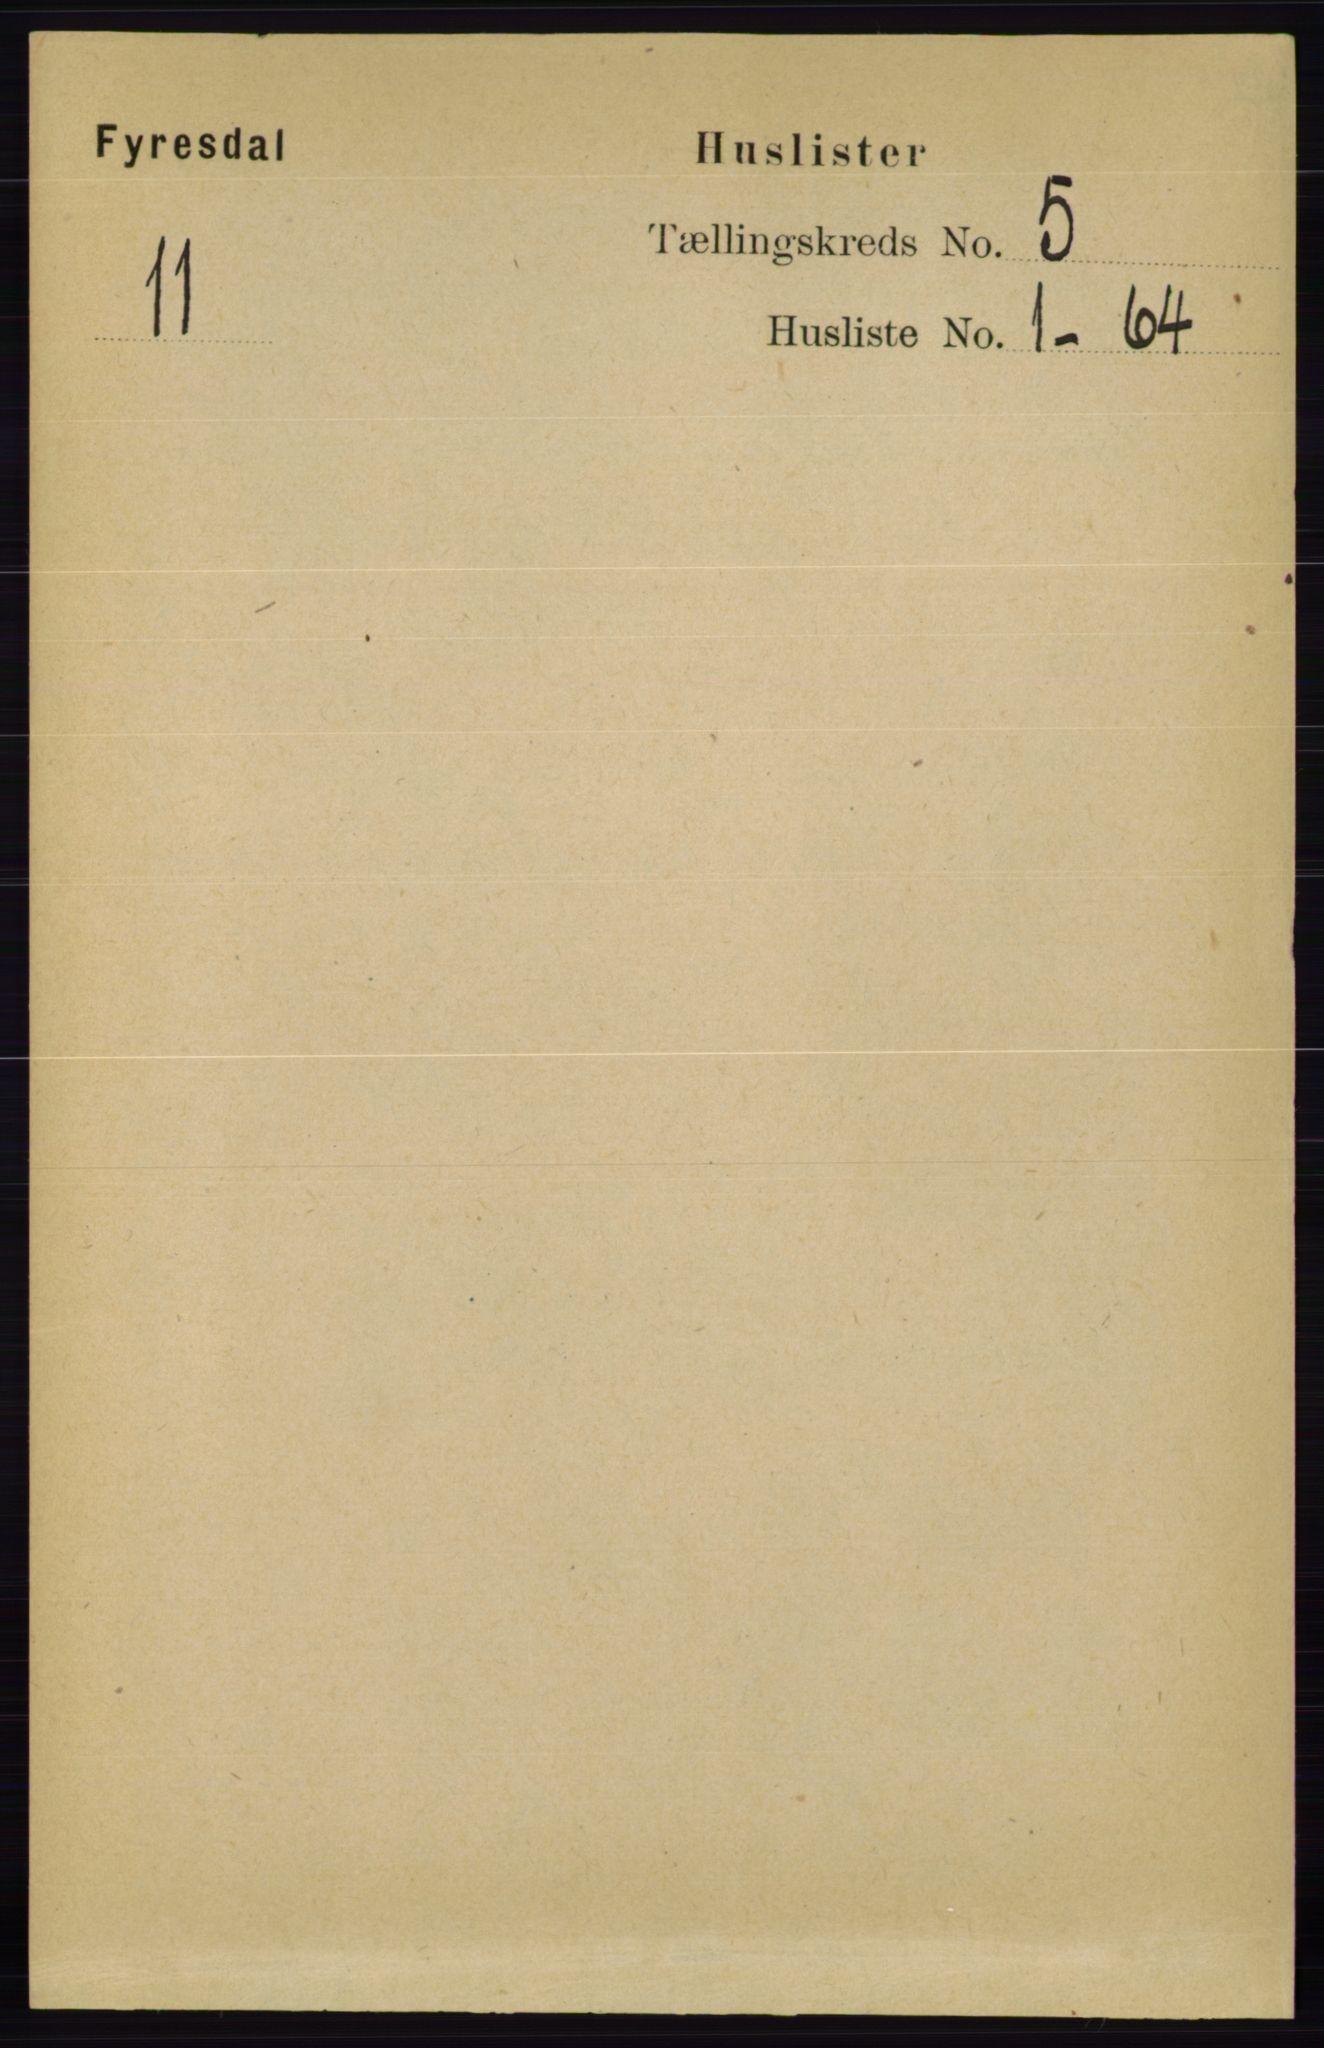 RA, Folketelling 1891 for 0831 Fyresdal herred, 1891, s. 1224